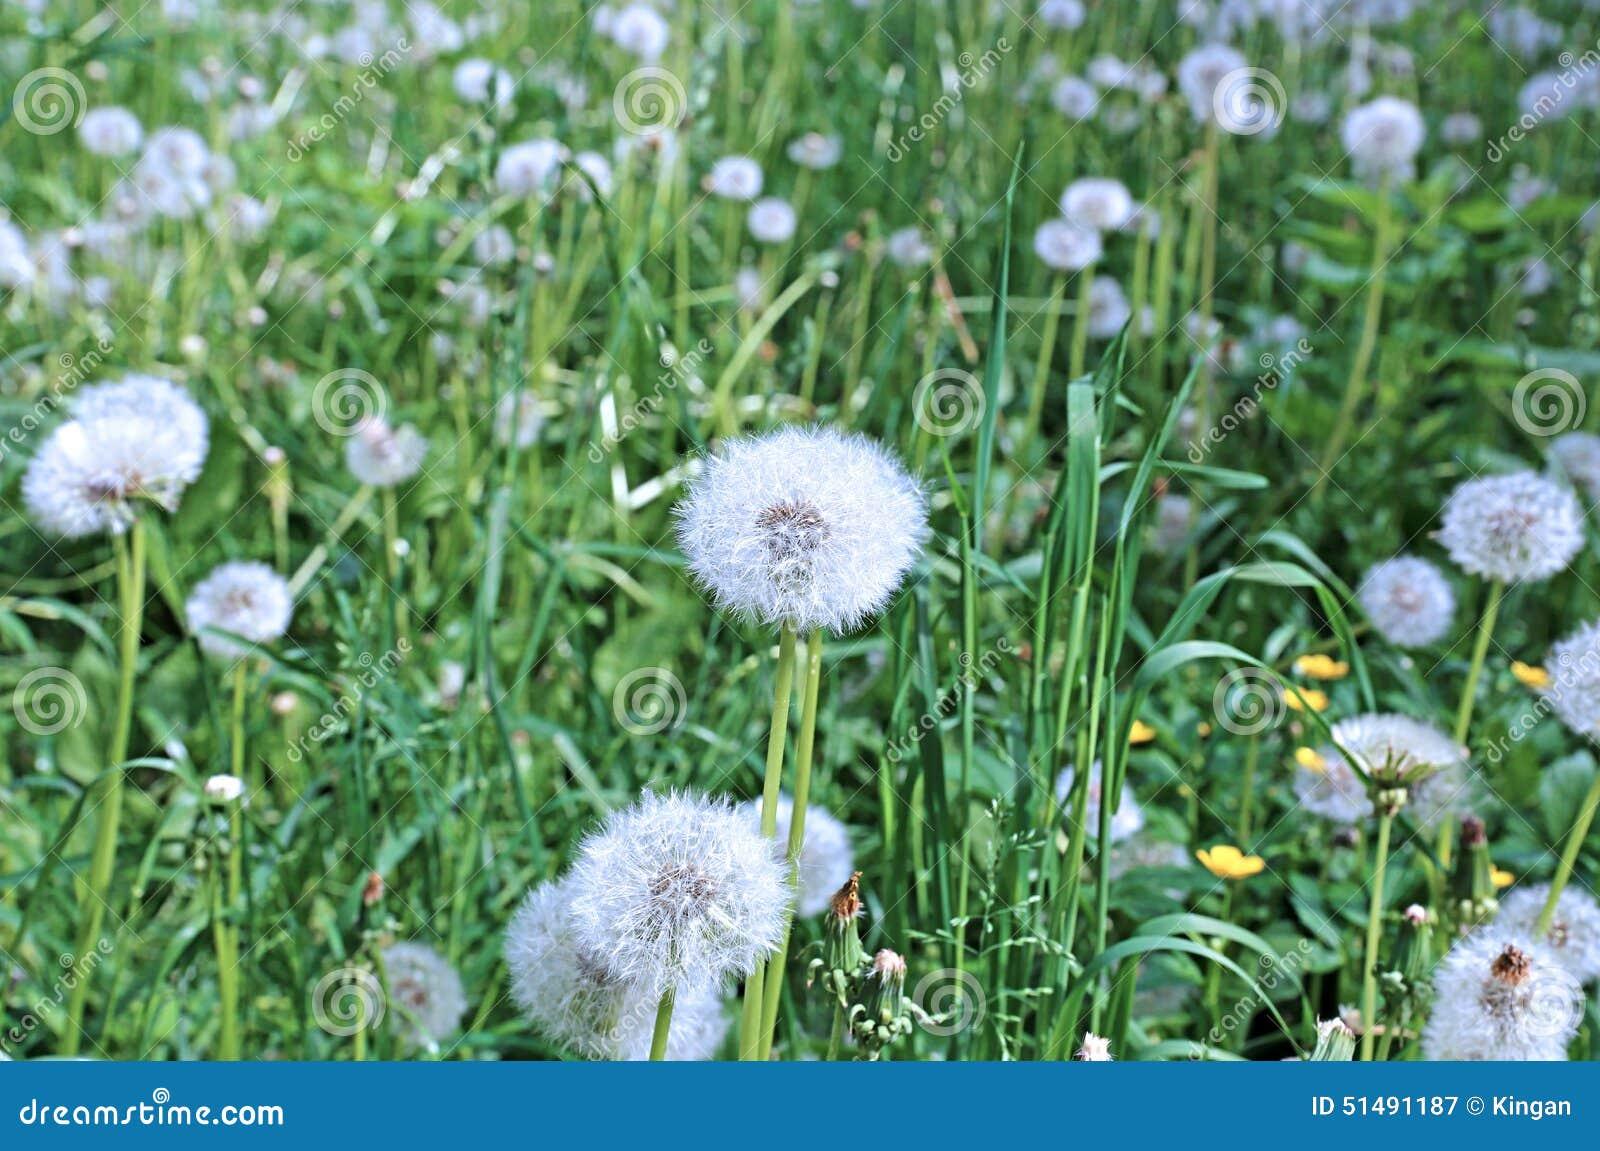 White fluffy dandelion flower stock image image of weed flowers white fluffy dandelion flower mightylinksfo